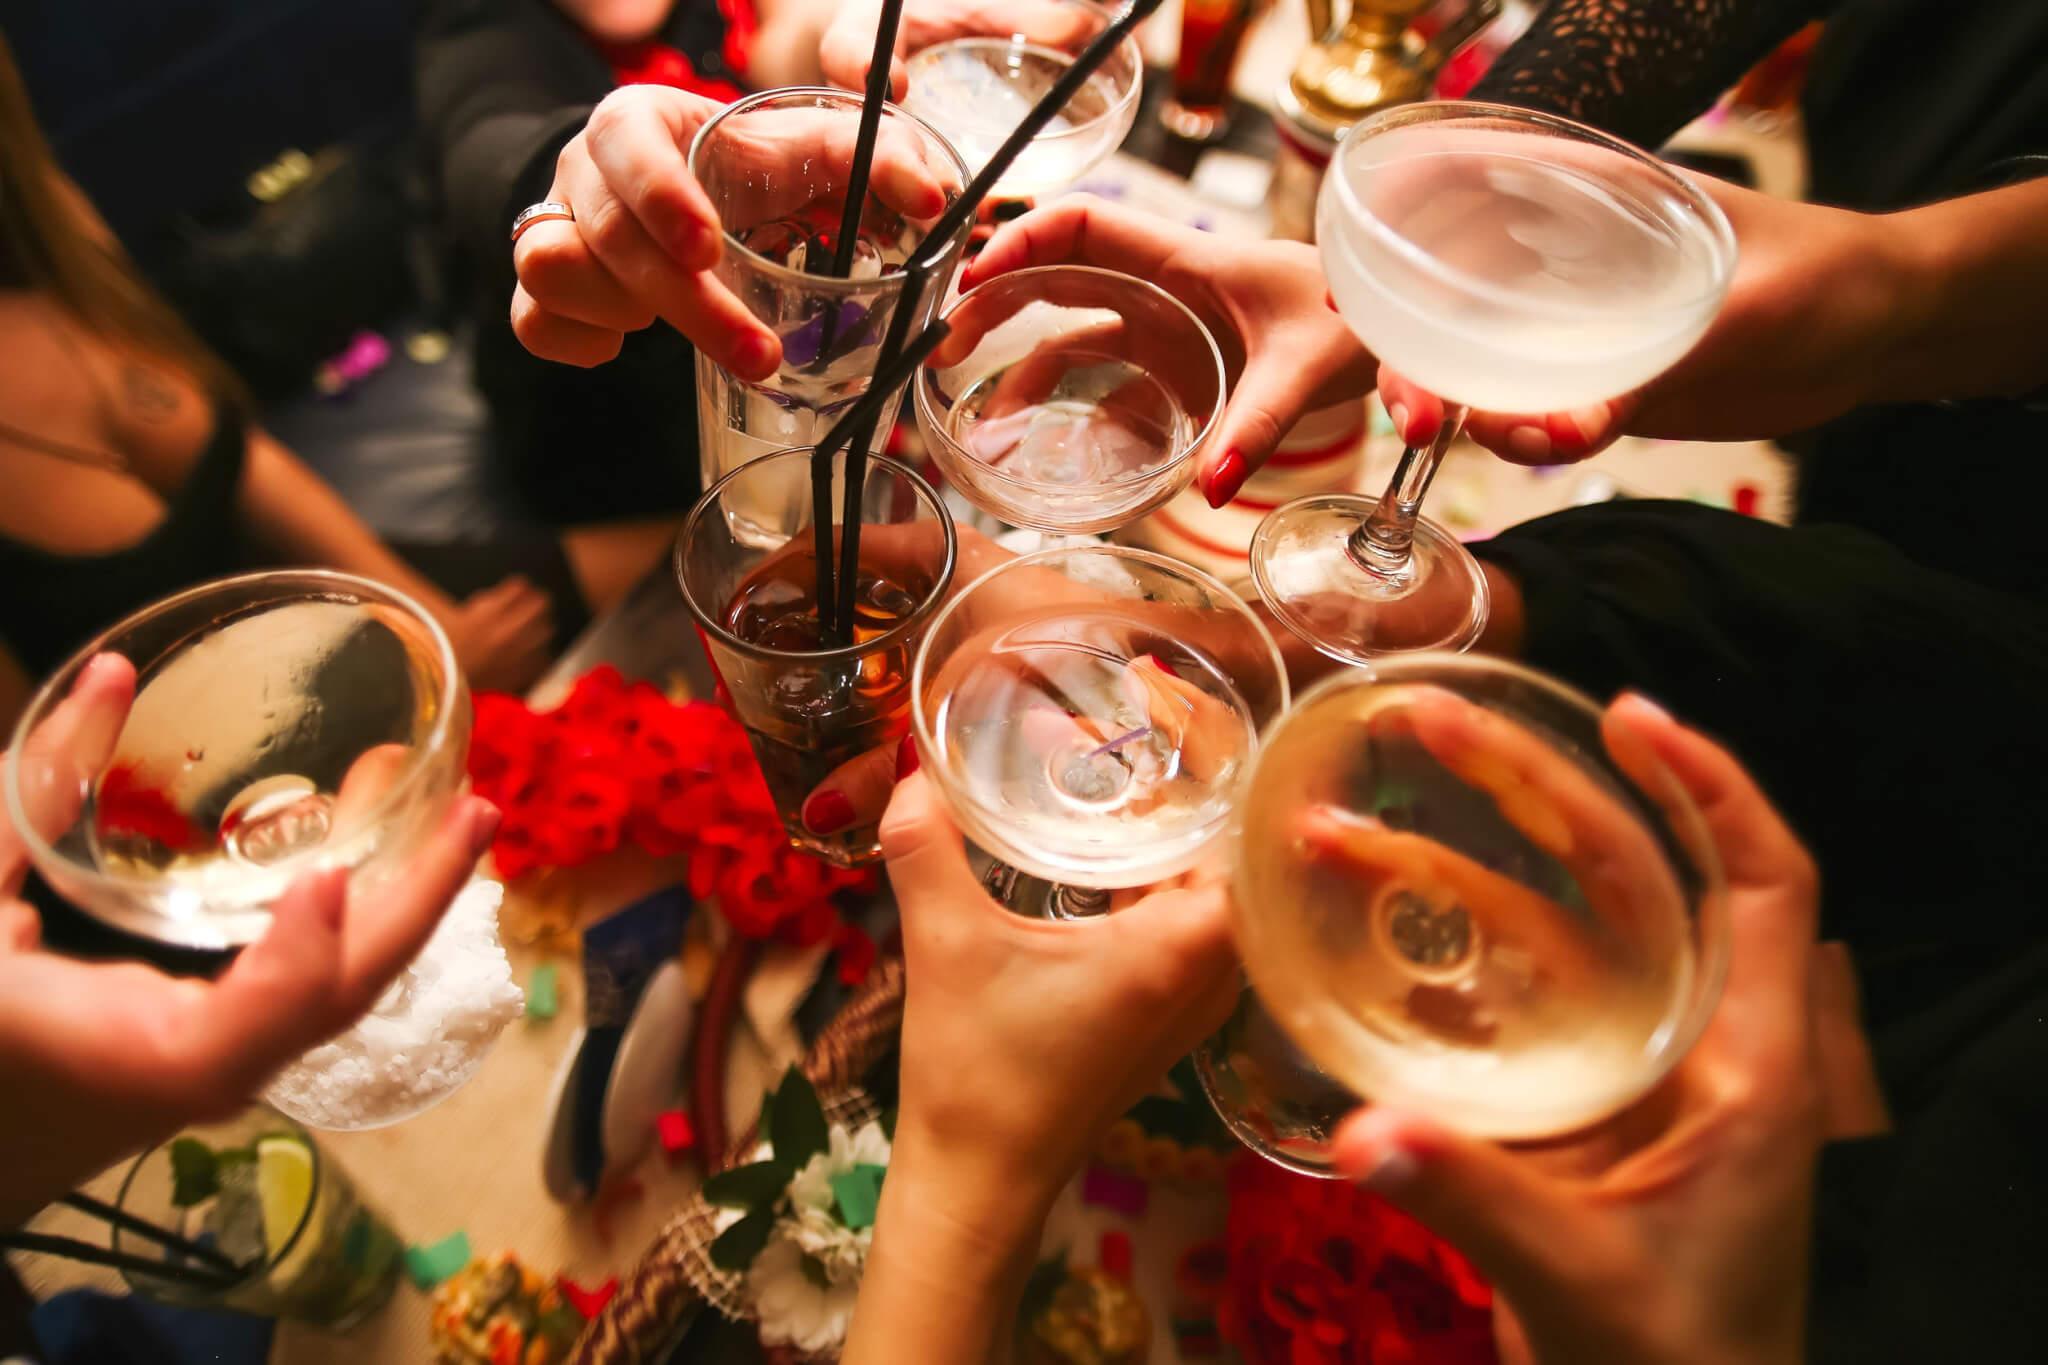 Déconfinement: qu'est-ce qu'on attend pour faire la fête?